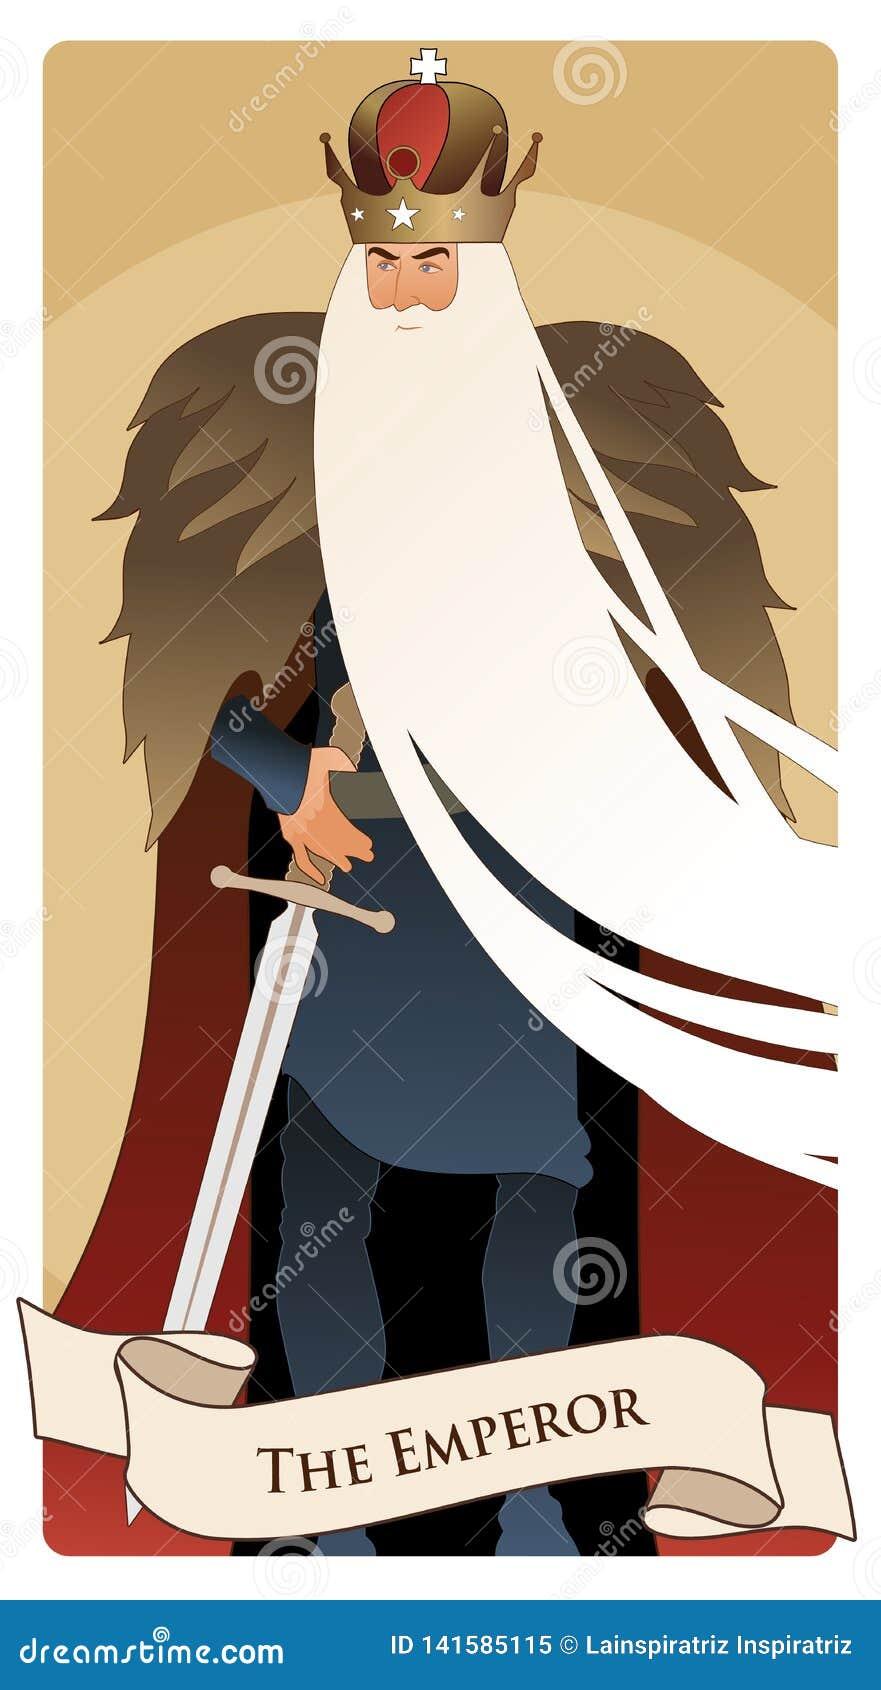 Major Arcana Tarot Cards De Keizer Mens met kroon en lange witte baard, bontkaap en zwaard bij de taille